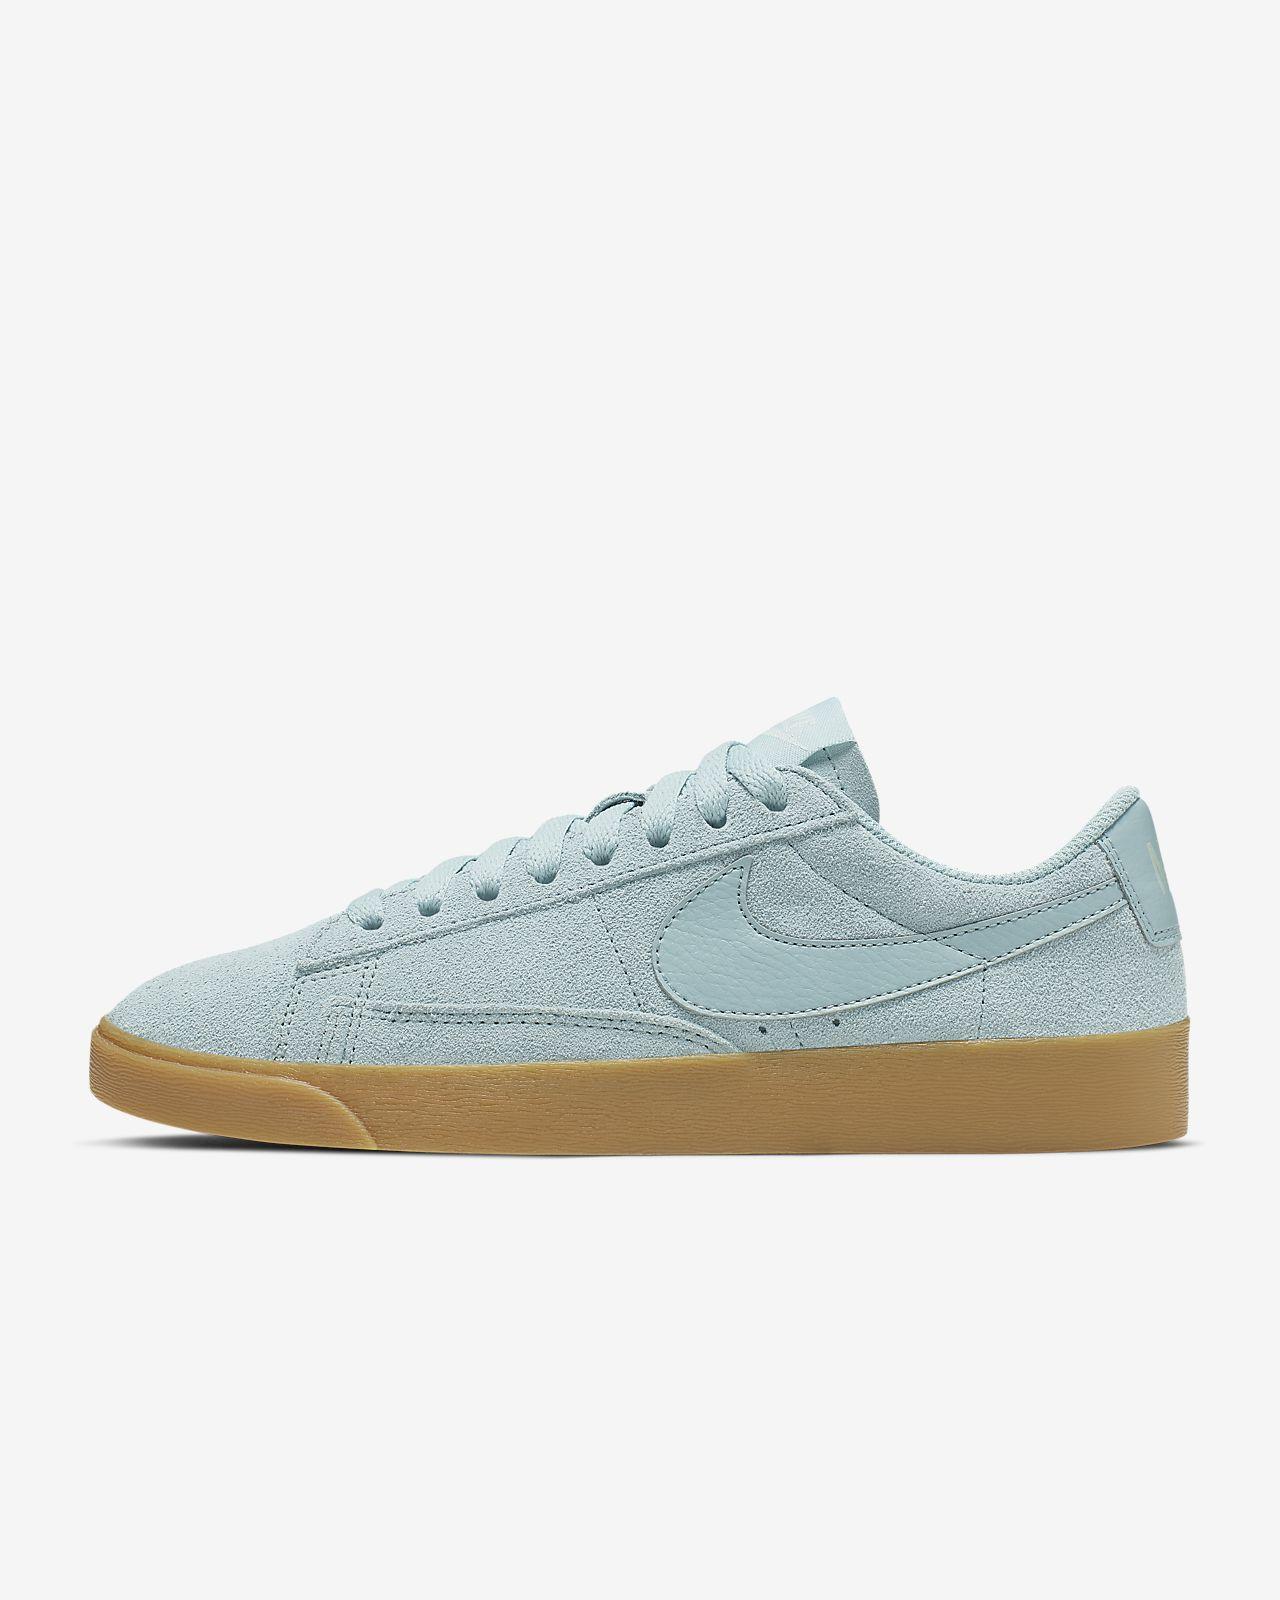 NikeBlazer Low SD女子运动鞋